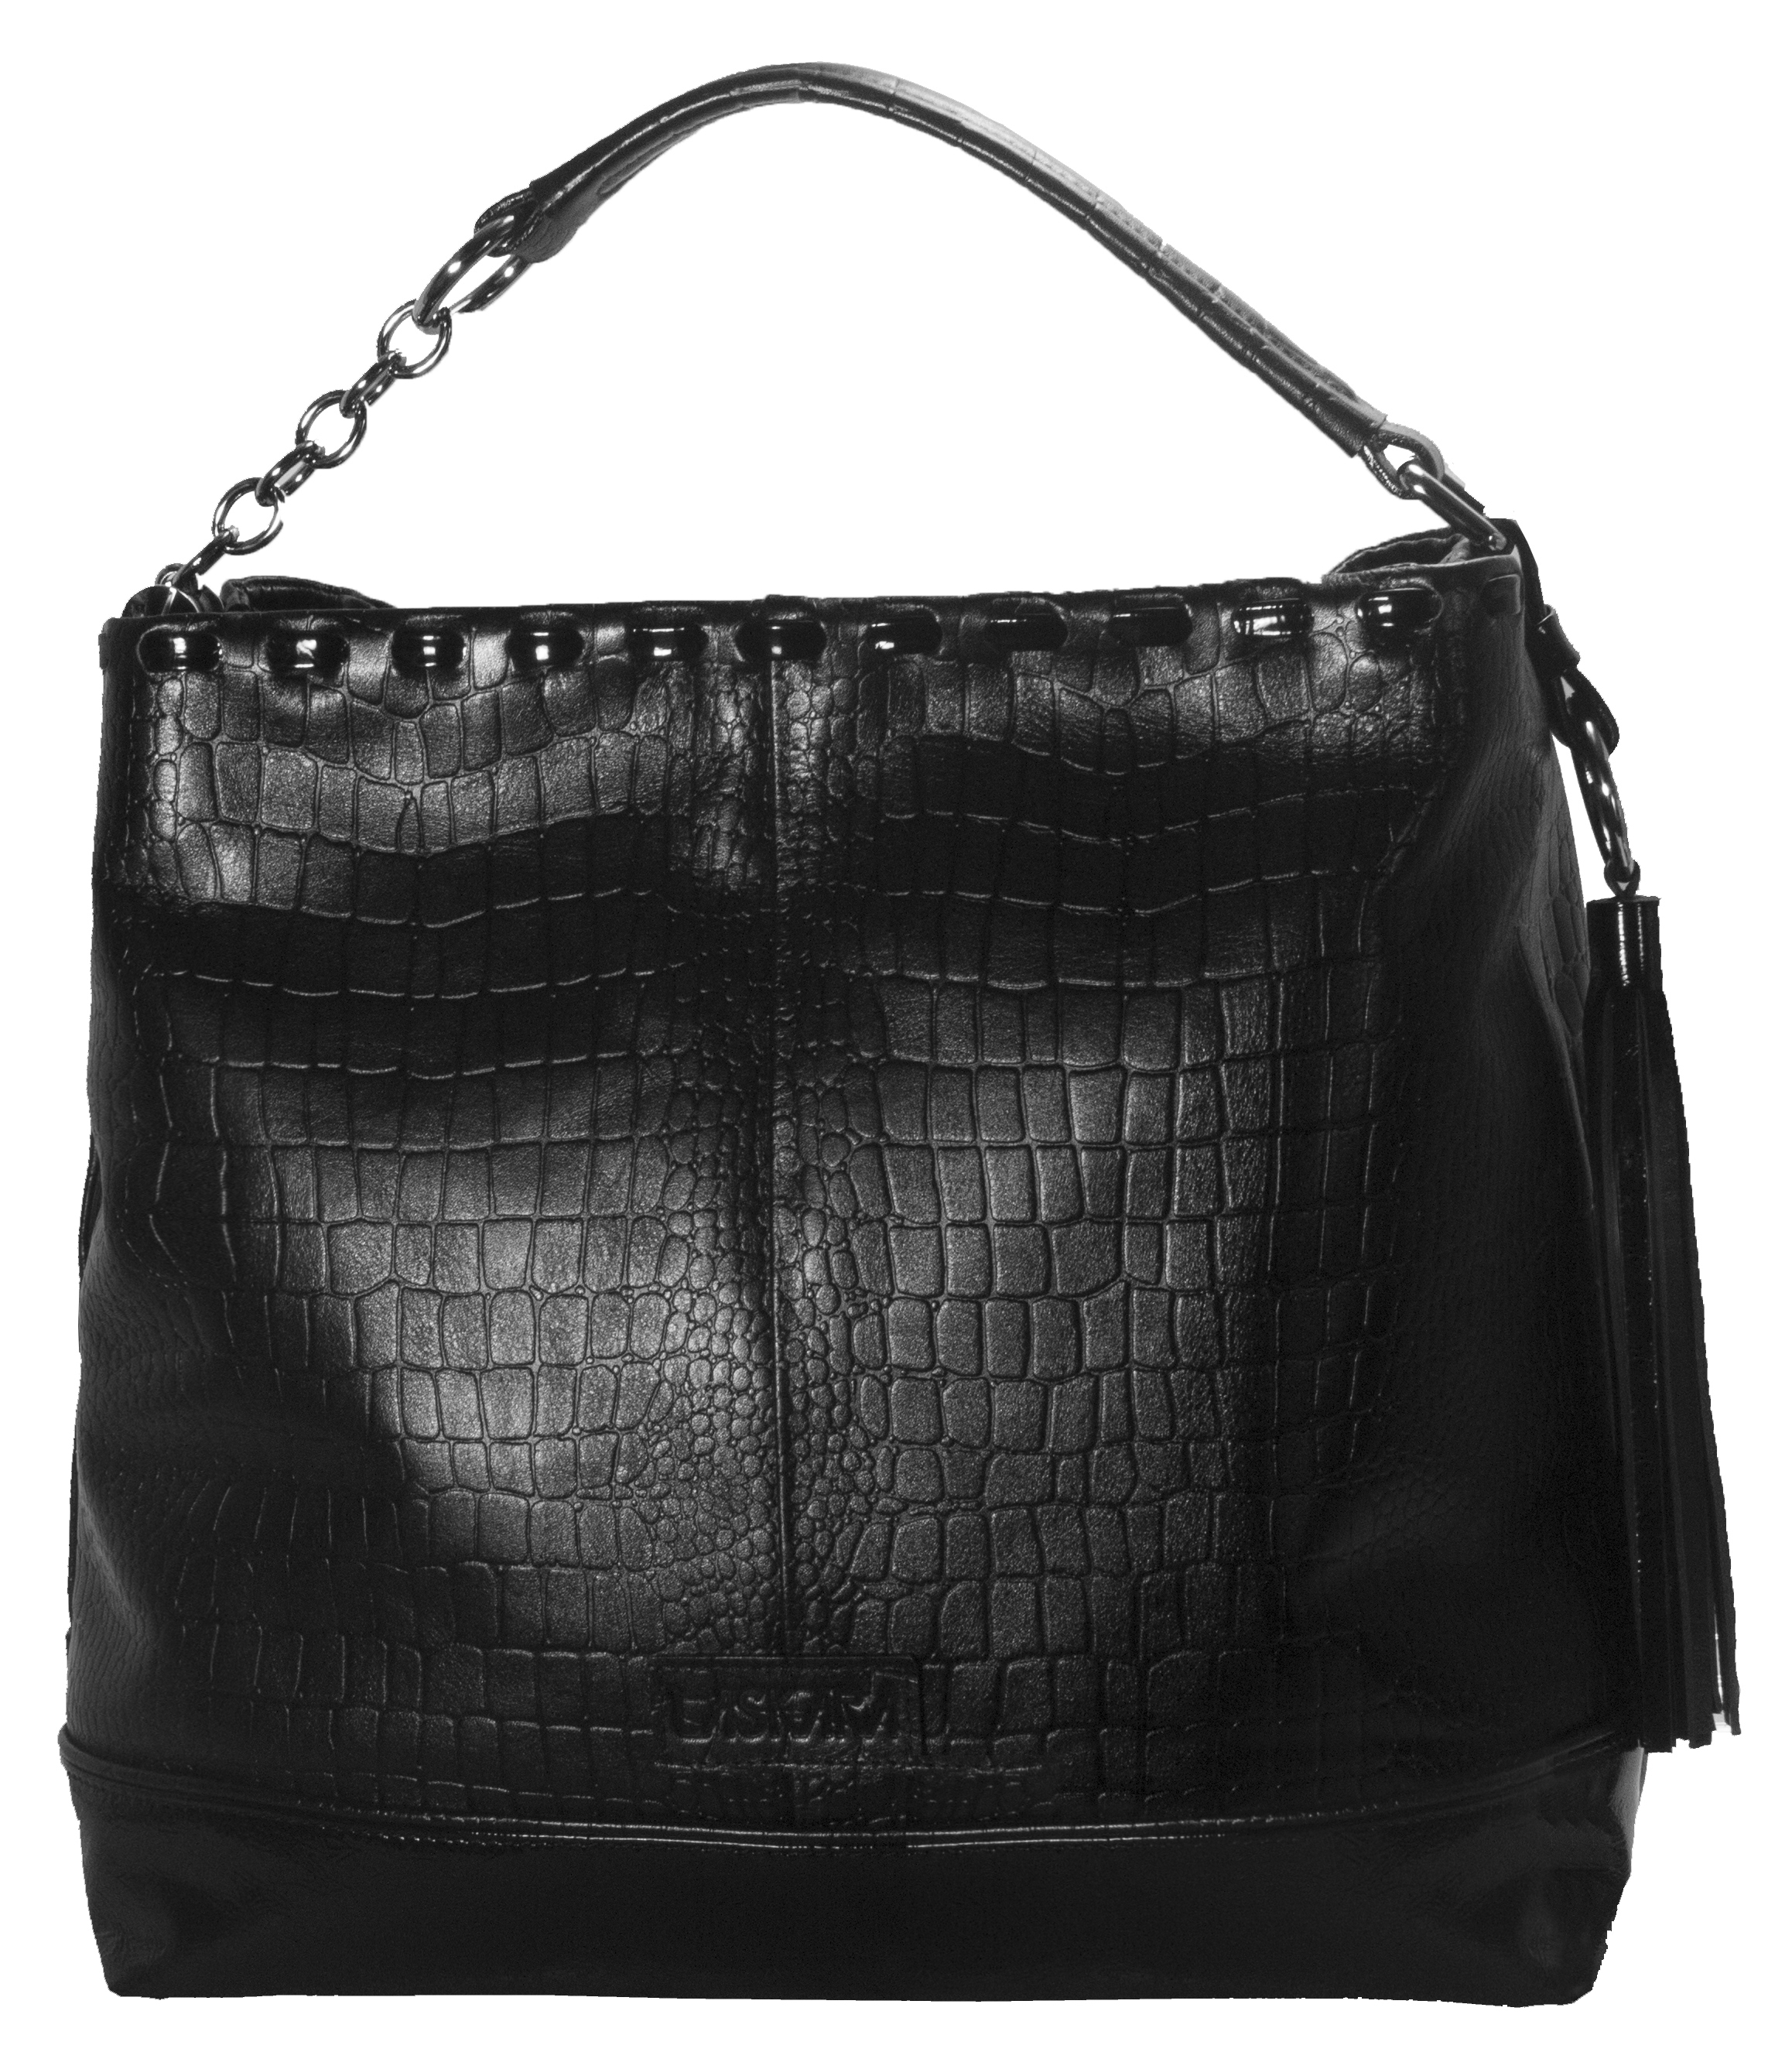 Kožená kabelka s proplétaným horním krajem 11-DS261-croco-black